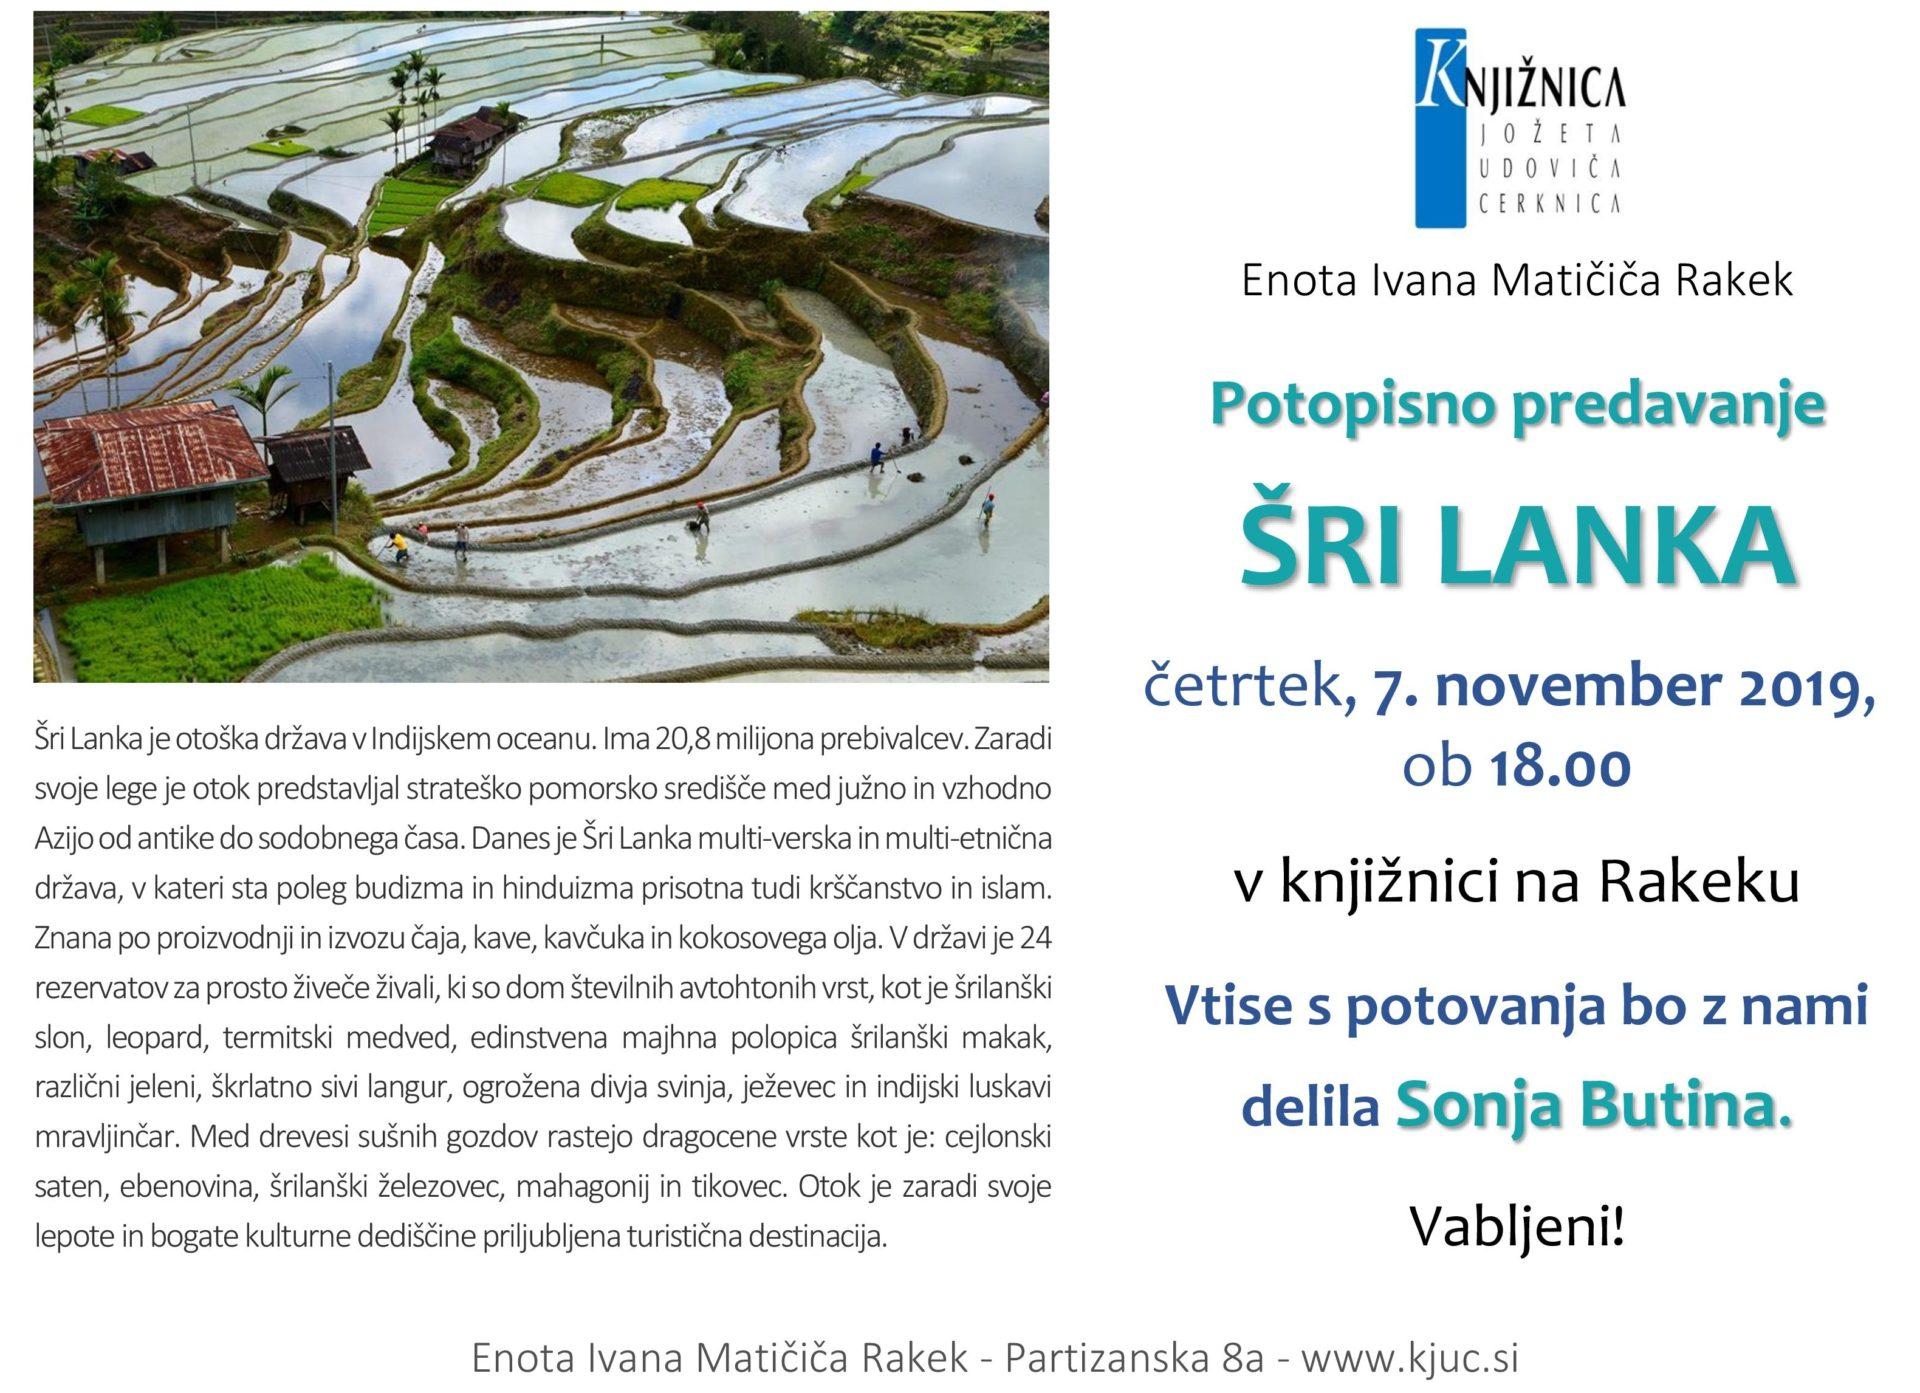 cover 5 - Sonja Butina: Šri Lanka – potopisno predavanje